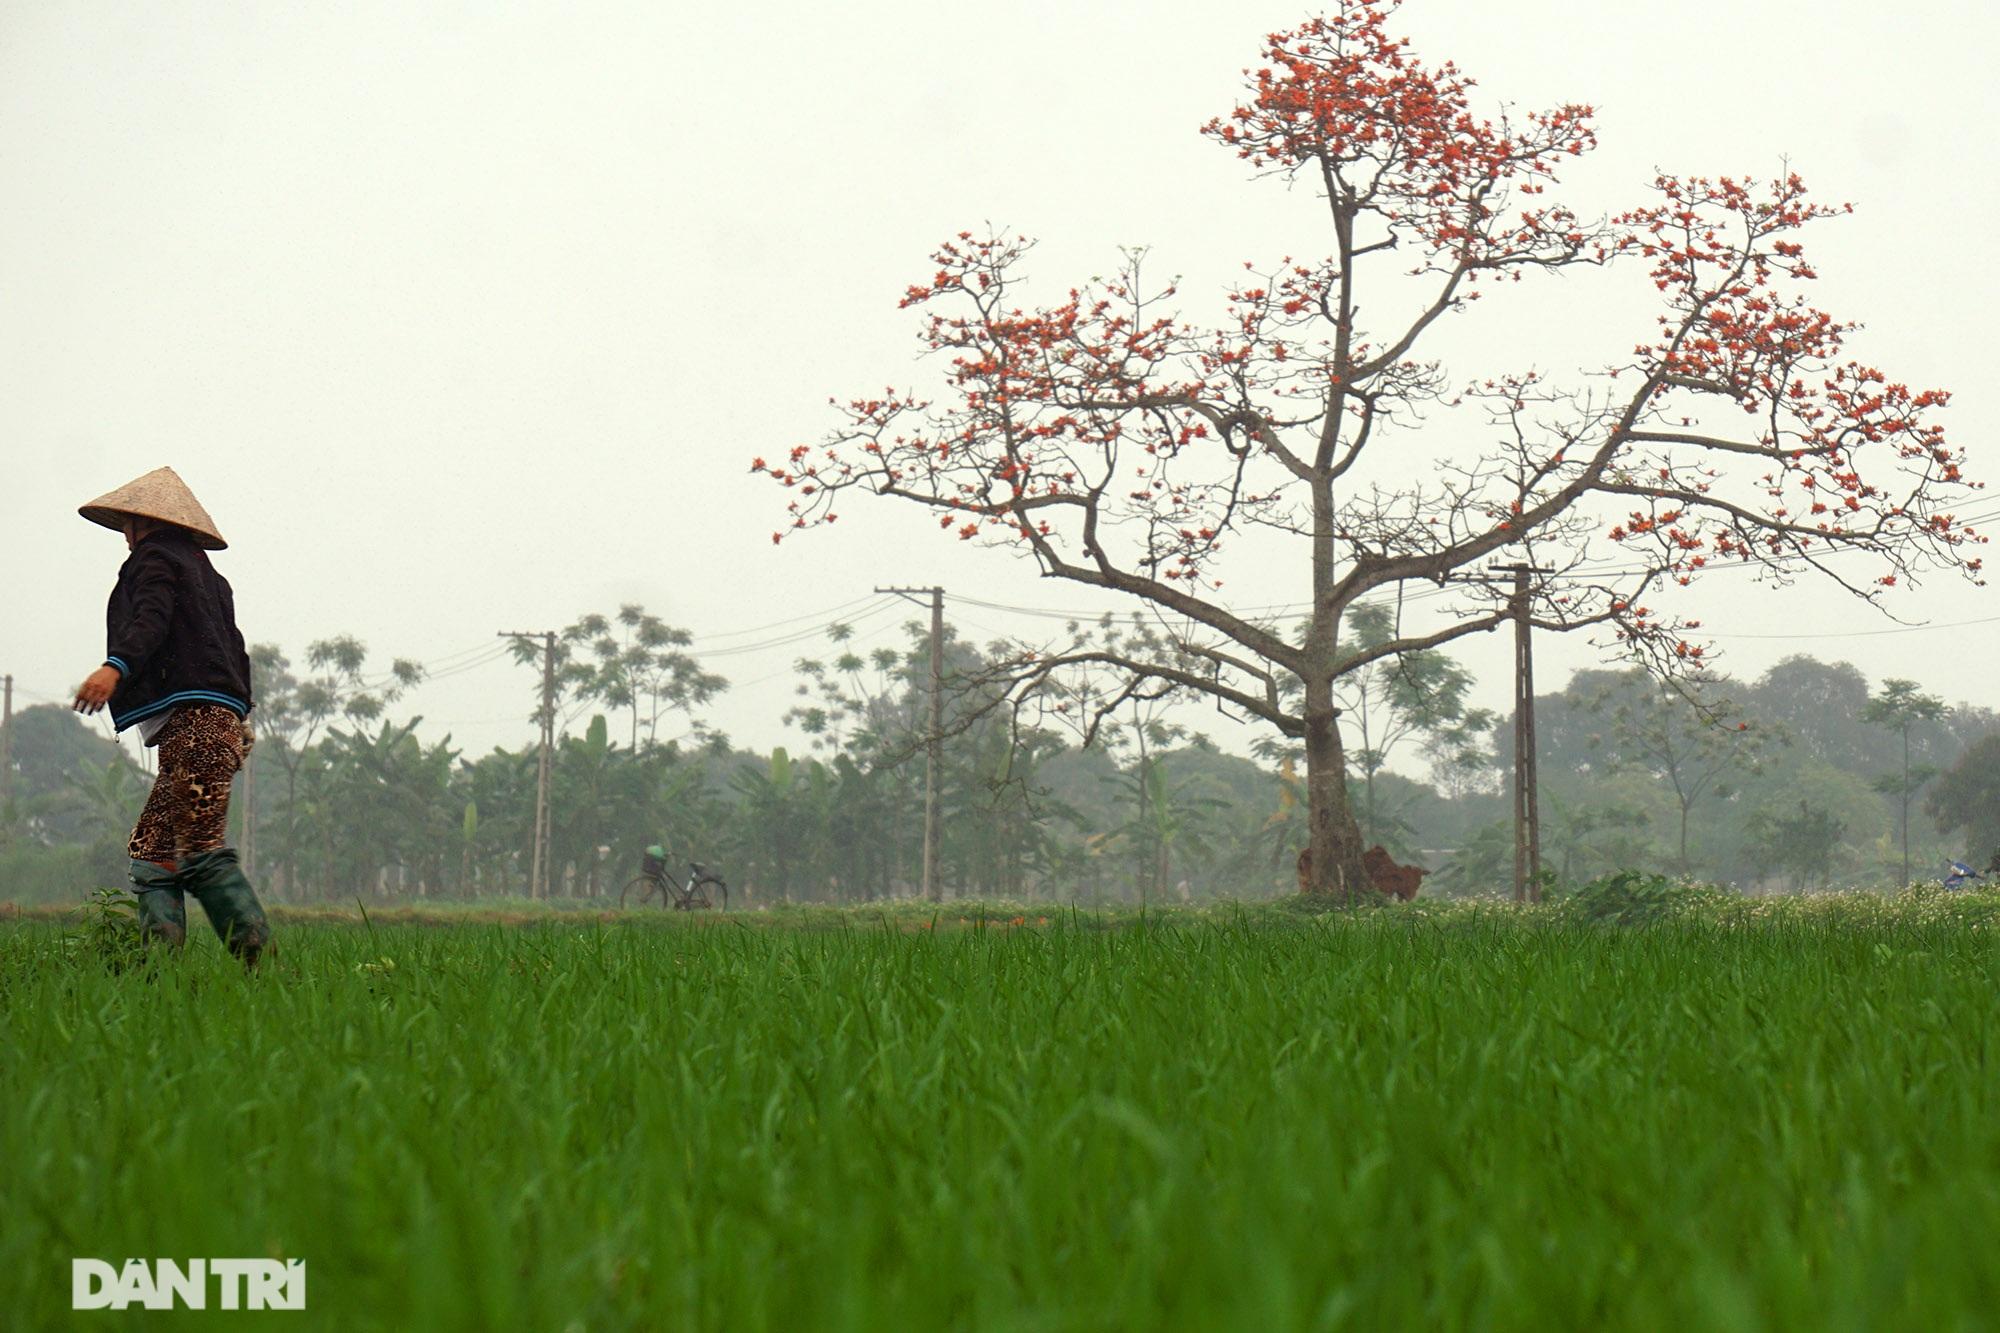 Hoa gạo nở đẹp sâu lắng vùng ngoại thành Hà Nội - 3